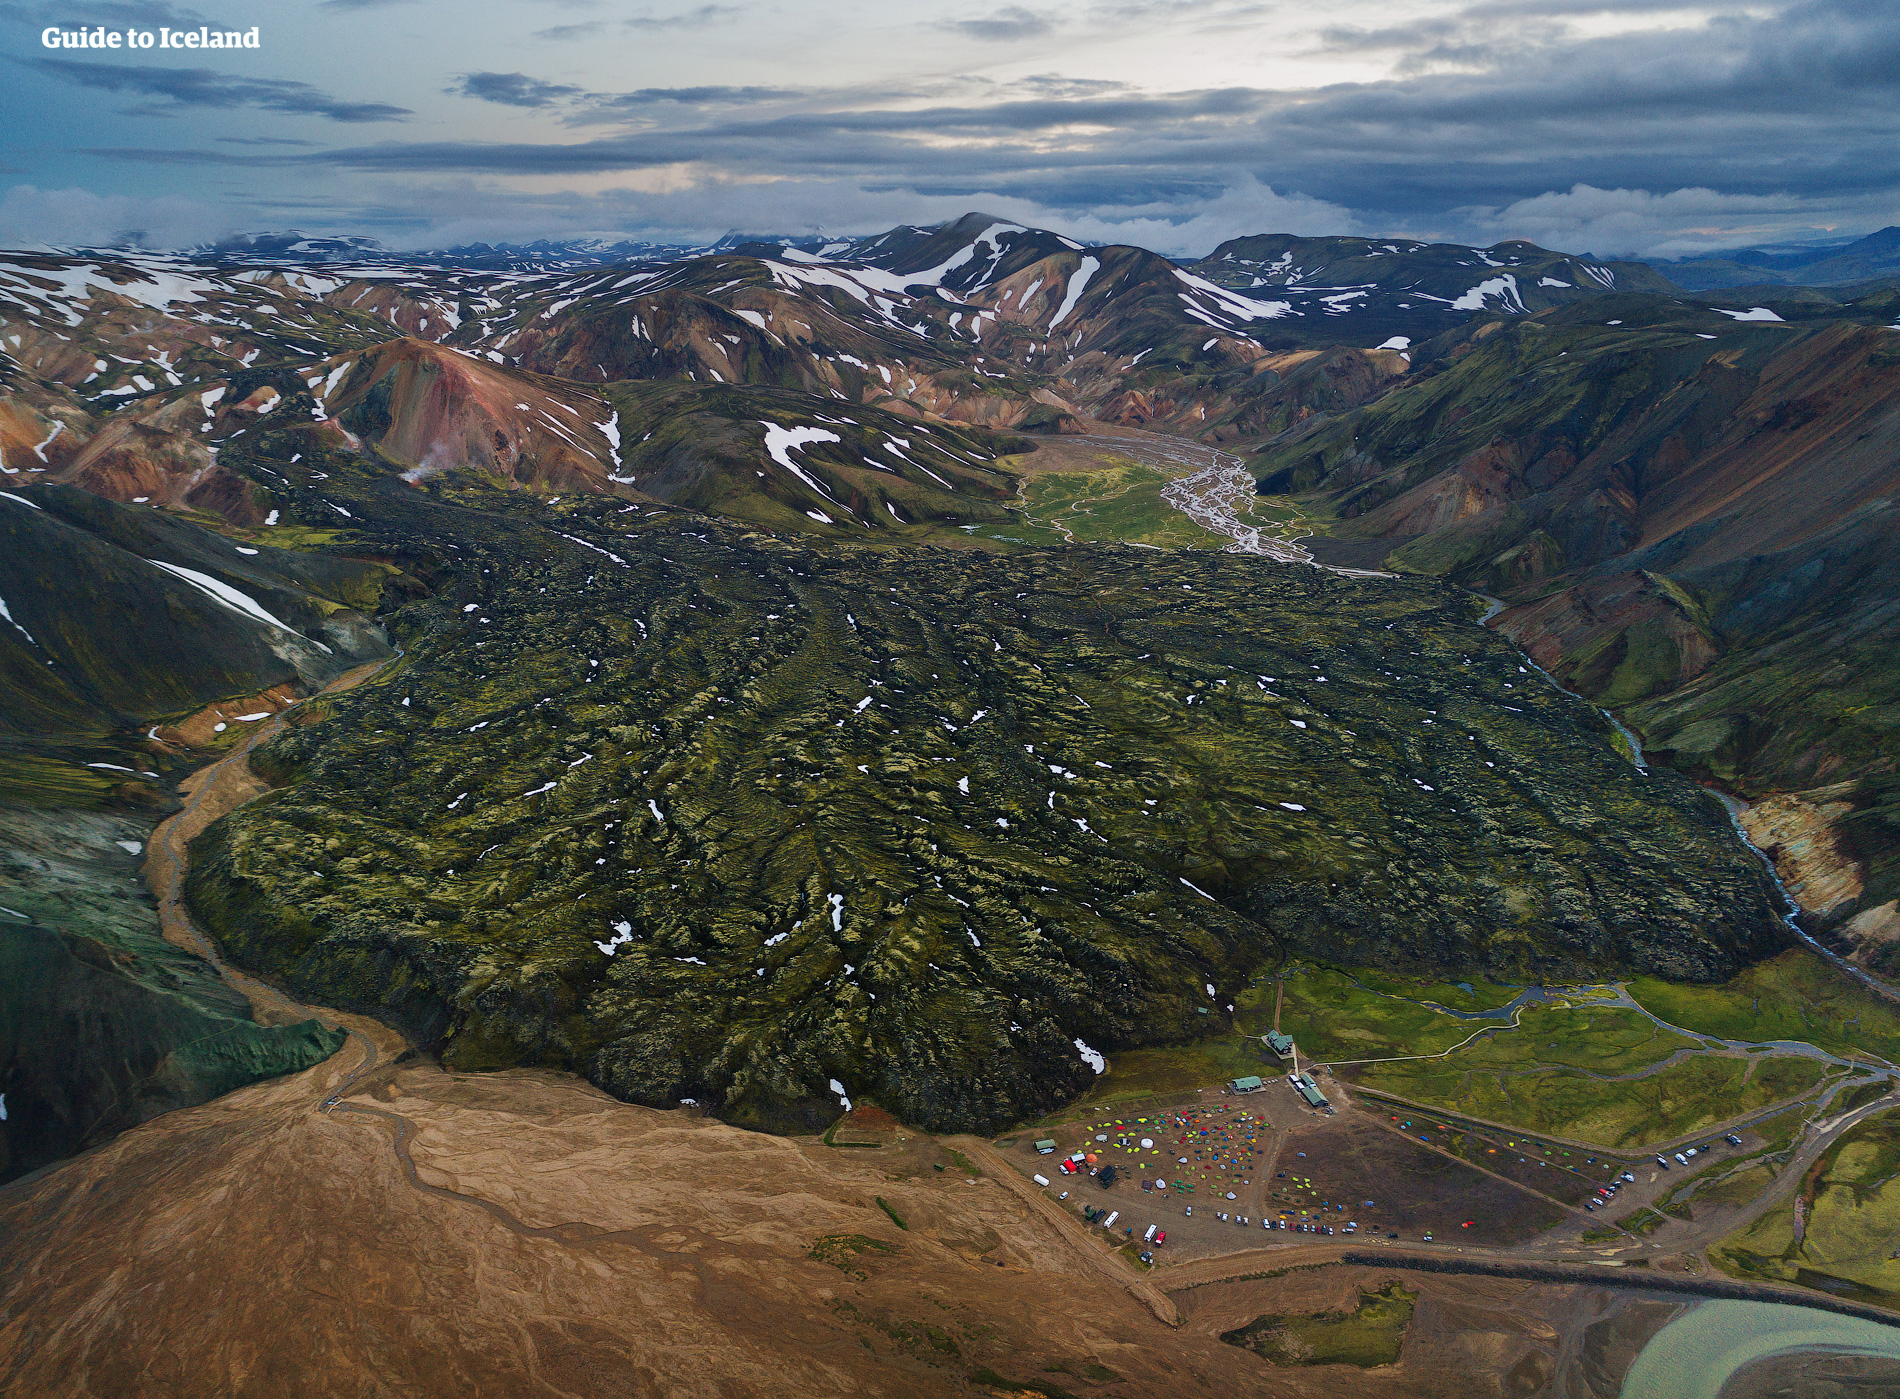 冰岛中央内陆高地仅在夏季开放